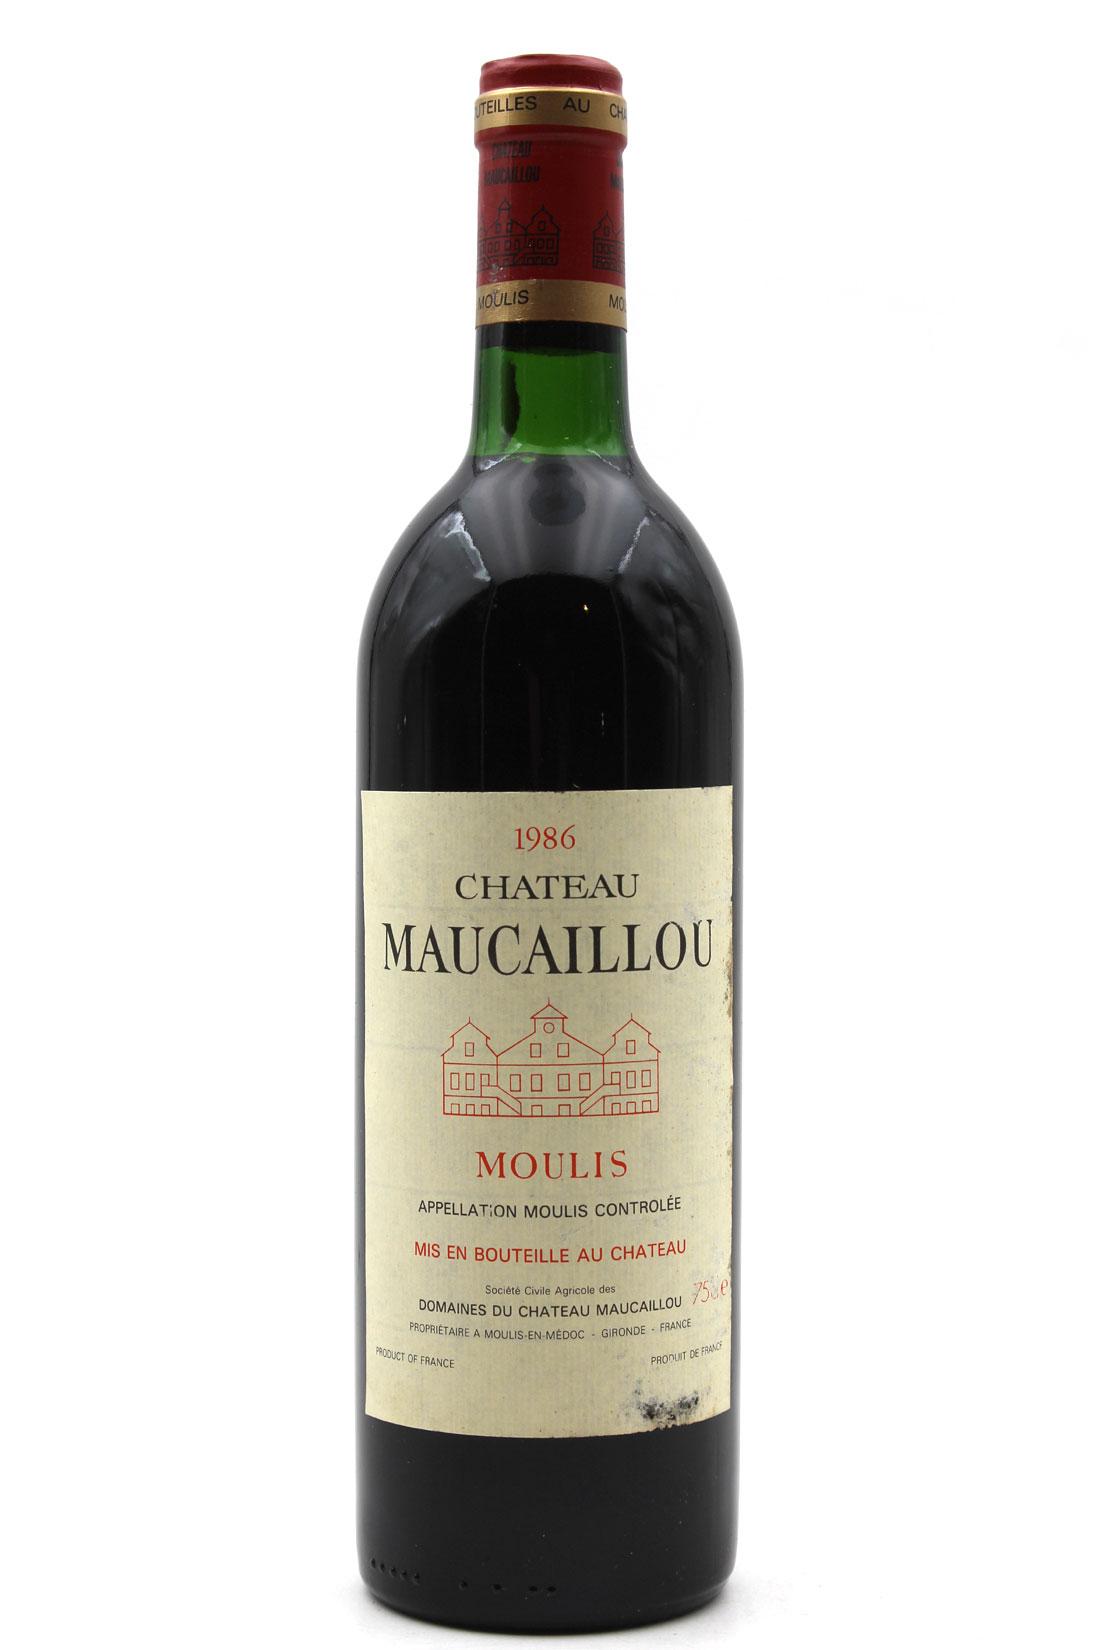 Château Maucaillou 1986 - 75cl AOC Moulis